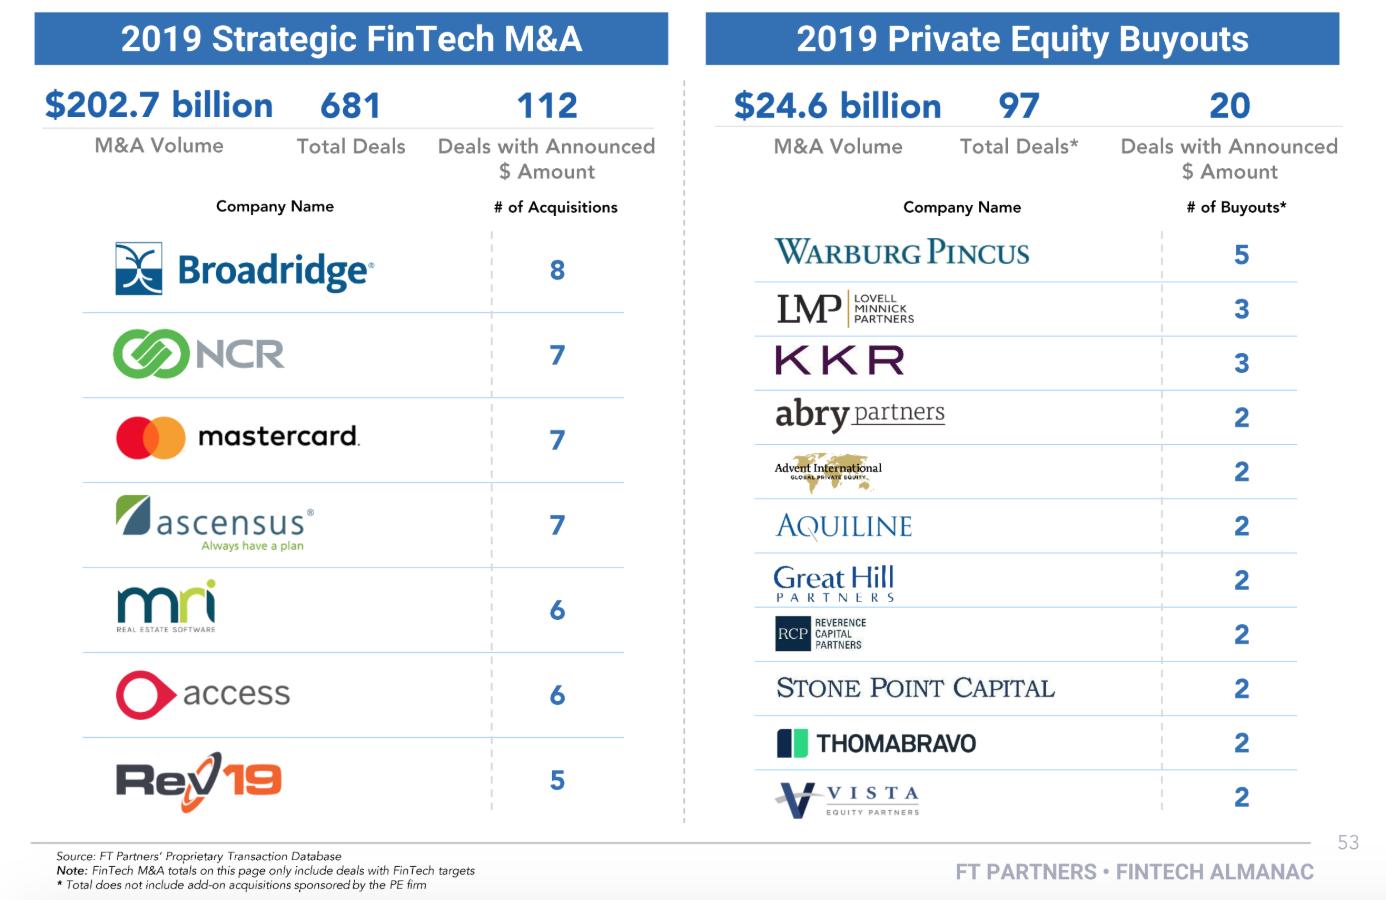 Fintech M&A Statistics- Most Active Acquirers 2019, 2019 Fintech Almanac, Financial Technology Partners, February 2020